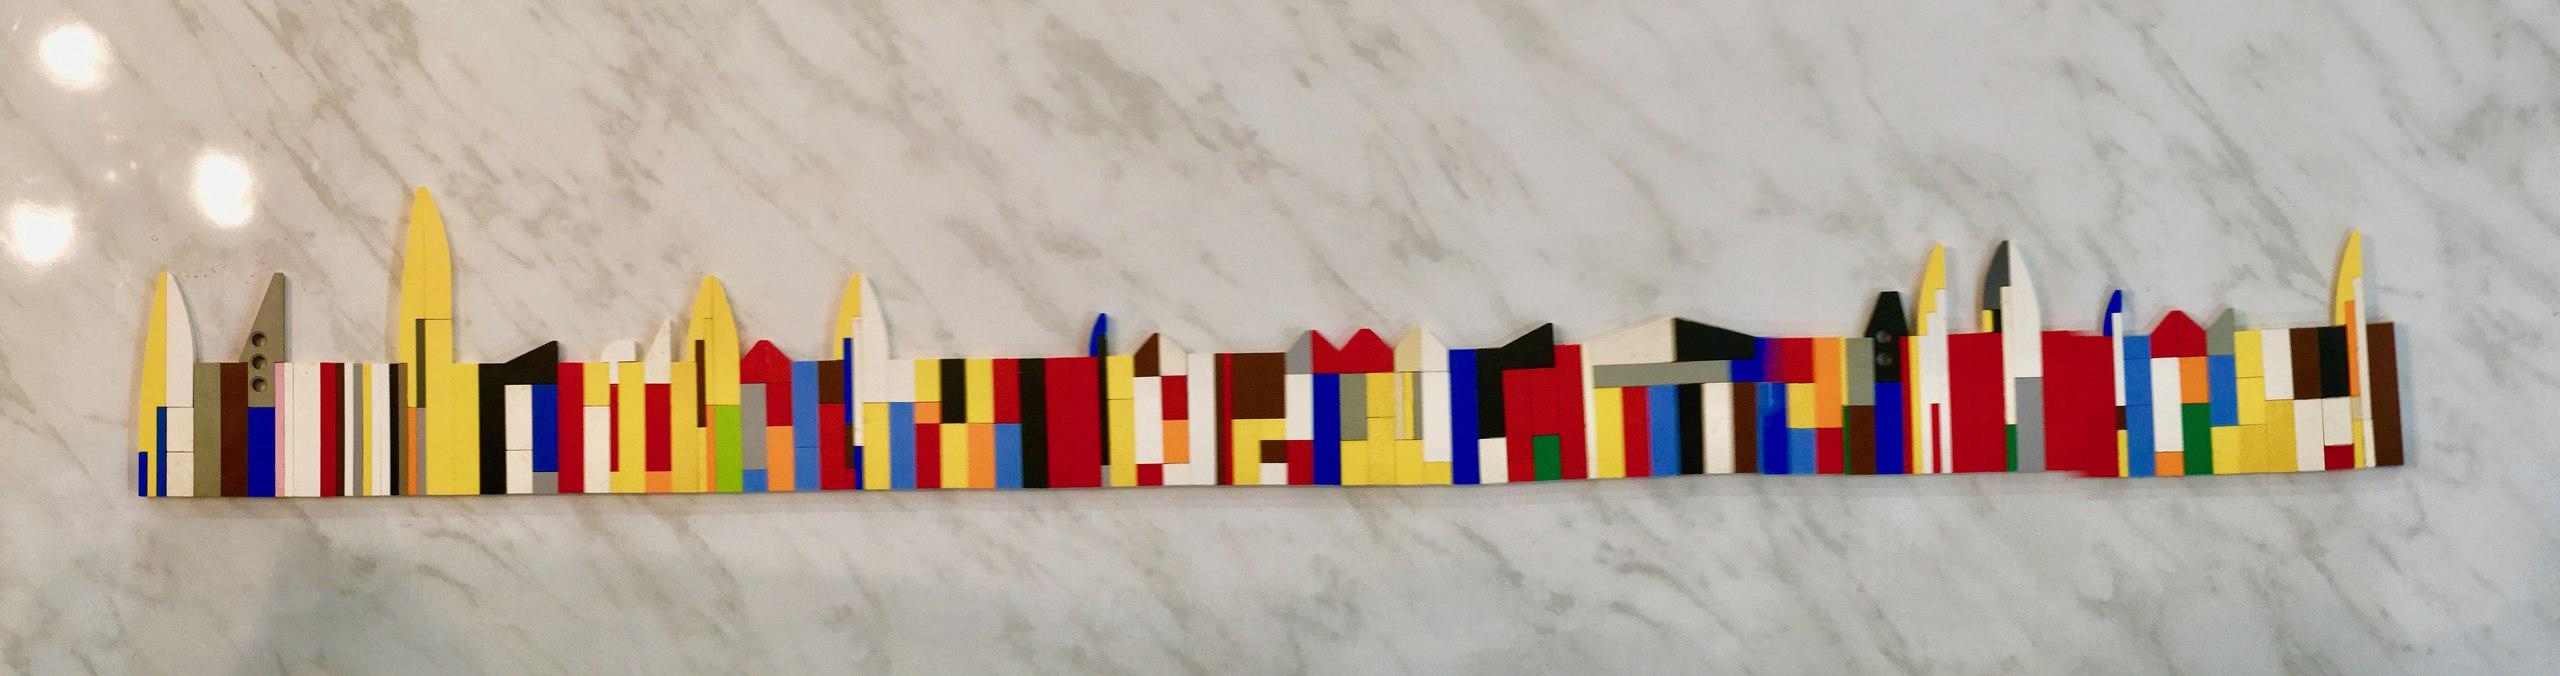 Город из Лего - длинный в один ряд